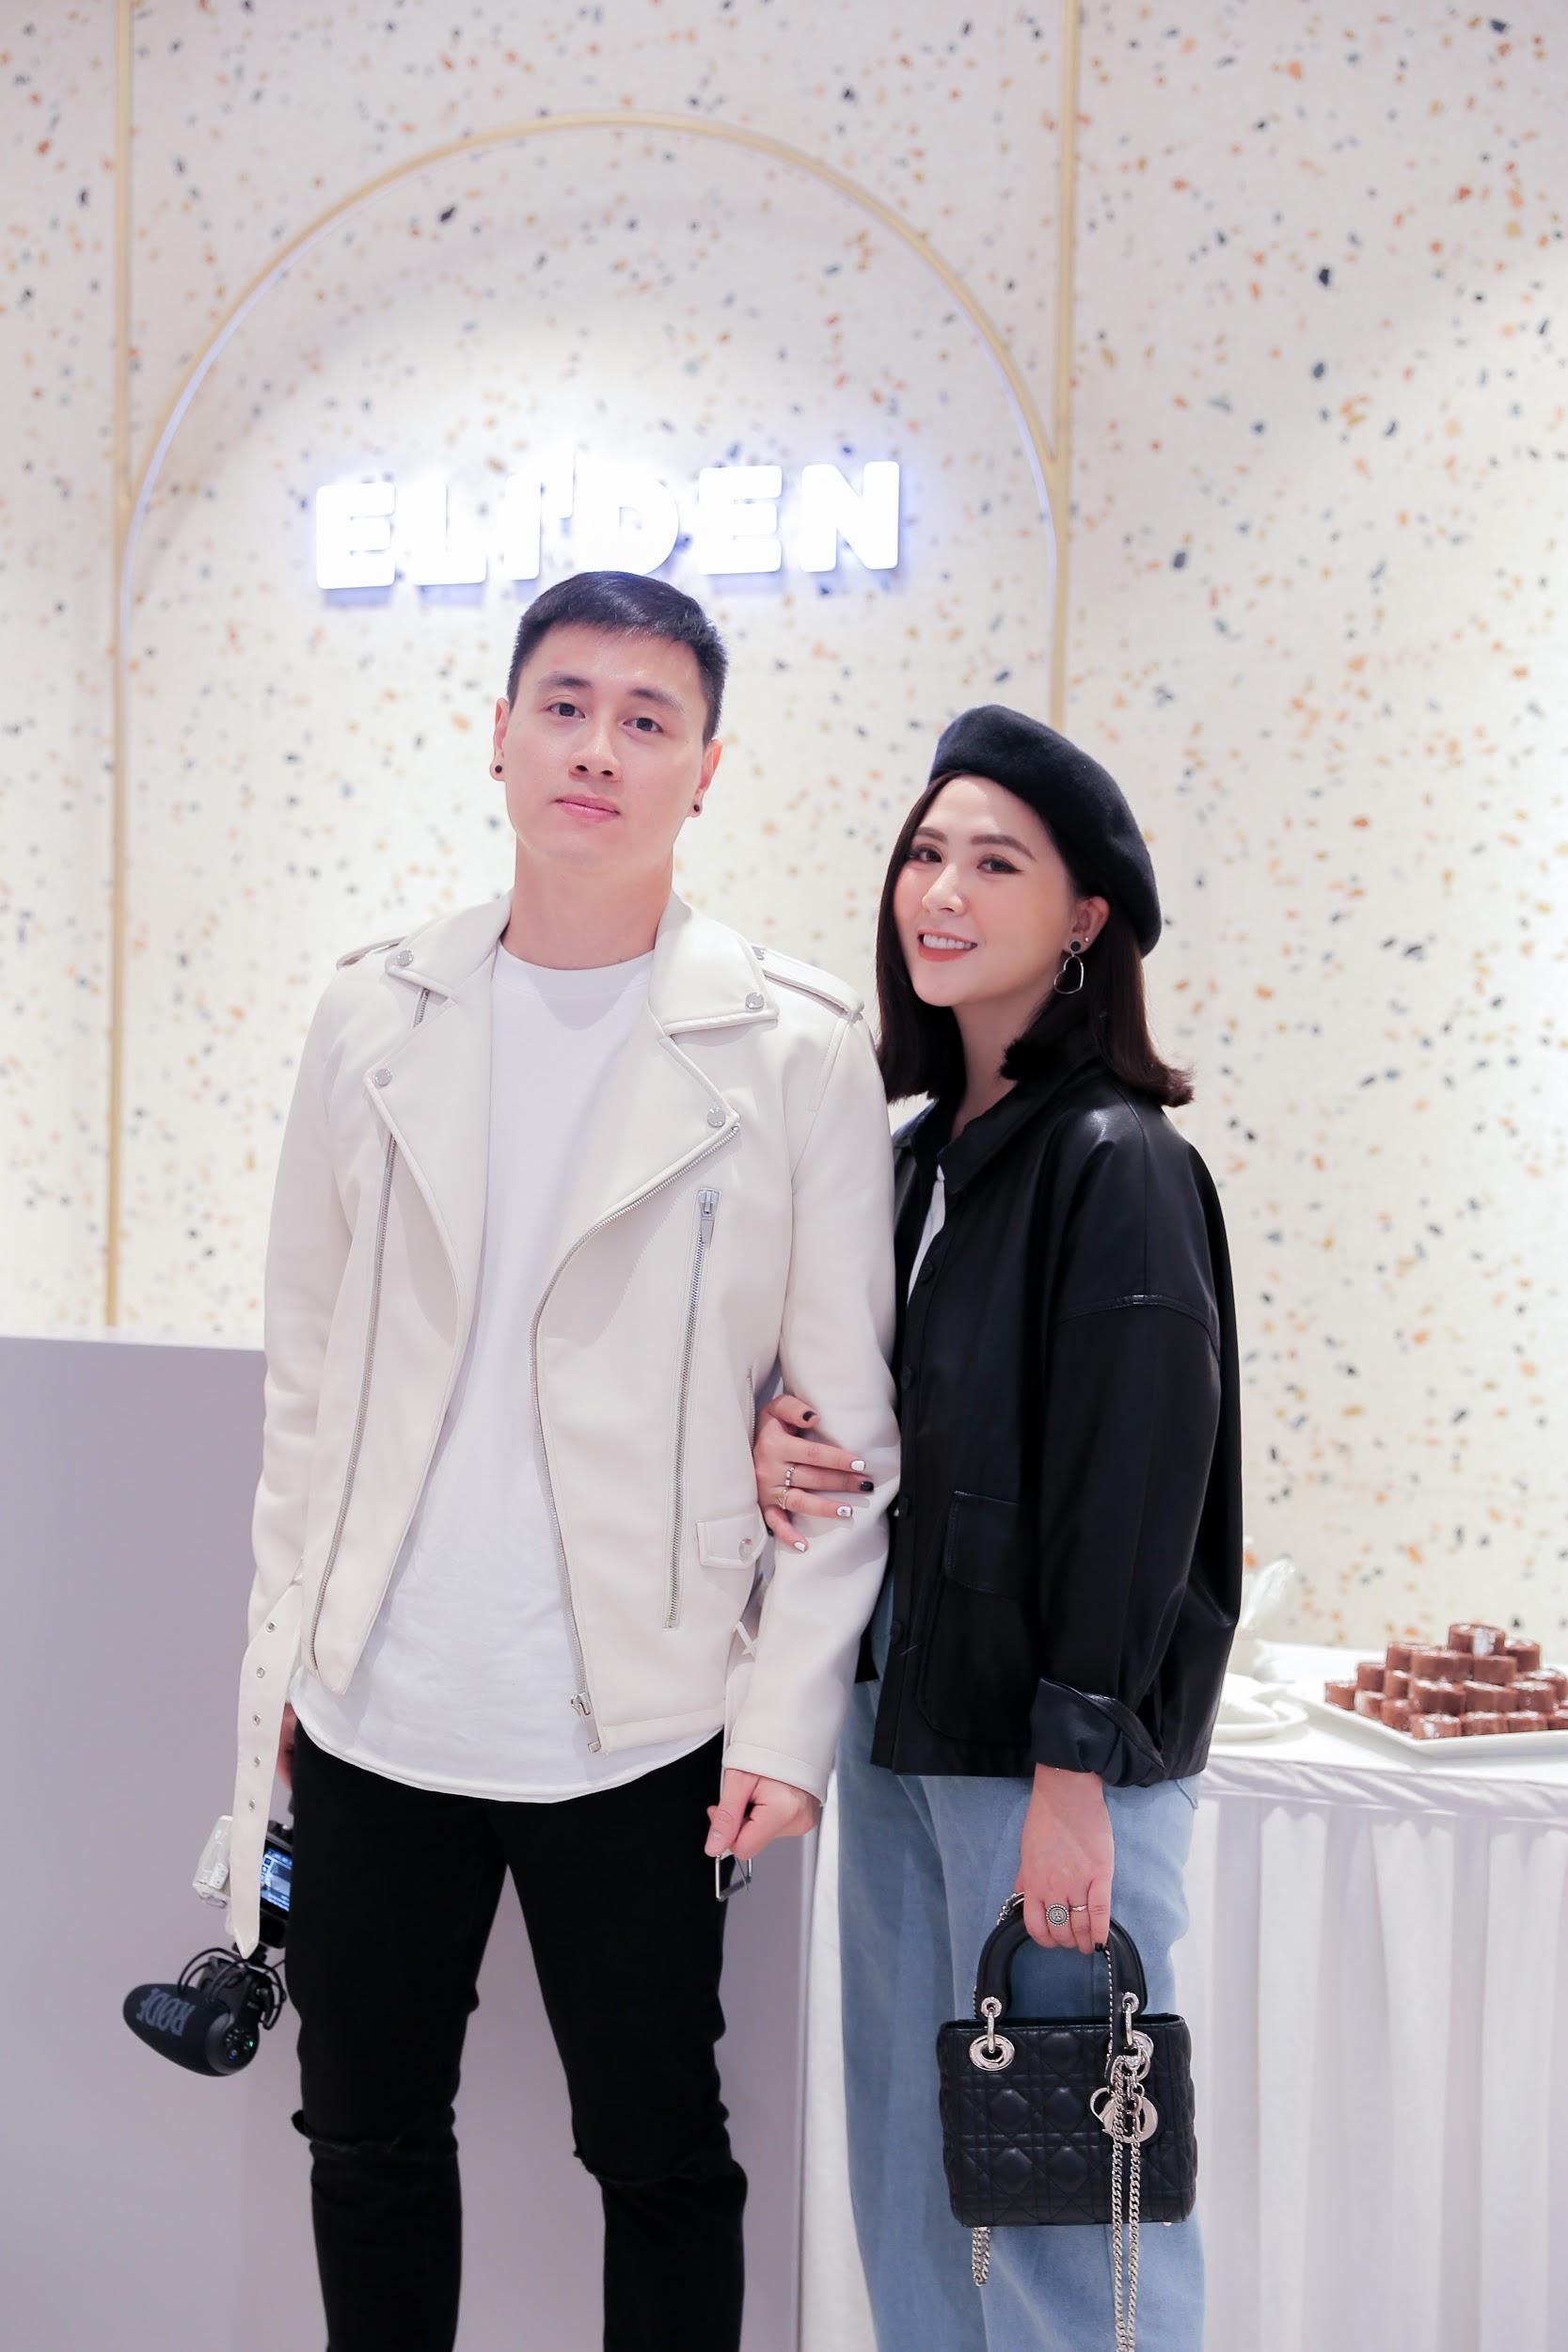 """Cặp đôi The Face Đồng Ánh Quỳnh, Khánh Linh hội ngộ, hoá thân thành đôi """"soái tỷ rủ nhau đi mua sắm - Ảnh 9."""